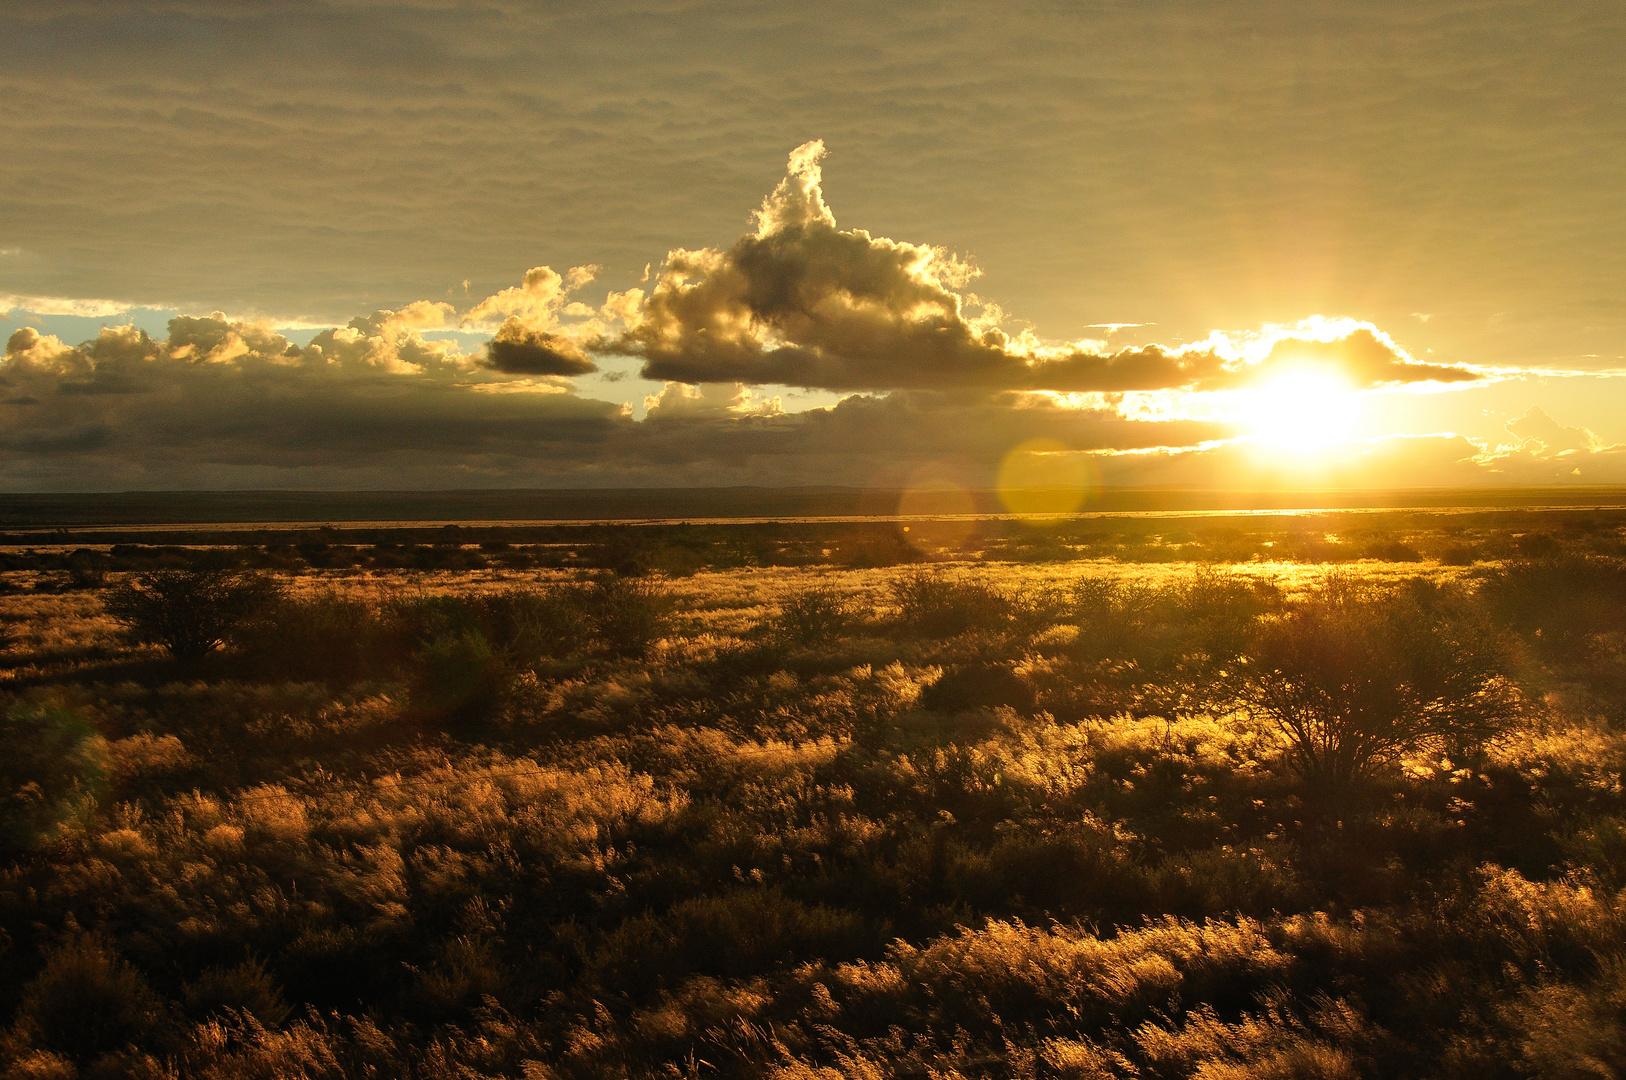 Goldener Sonnenuntergang in Afrika